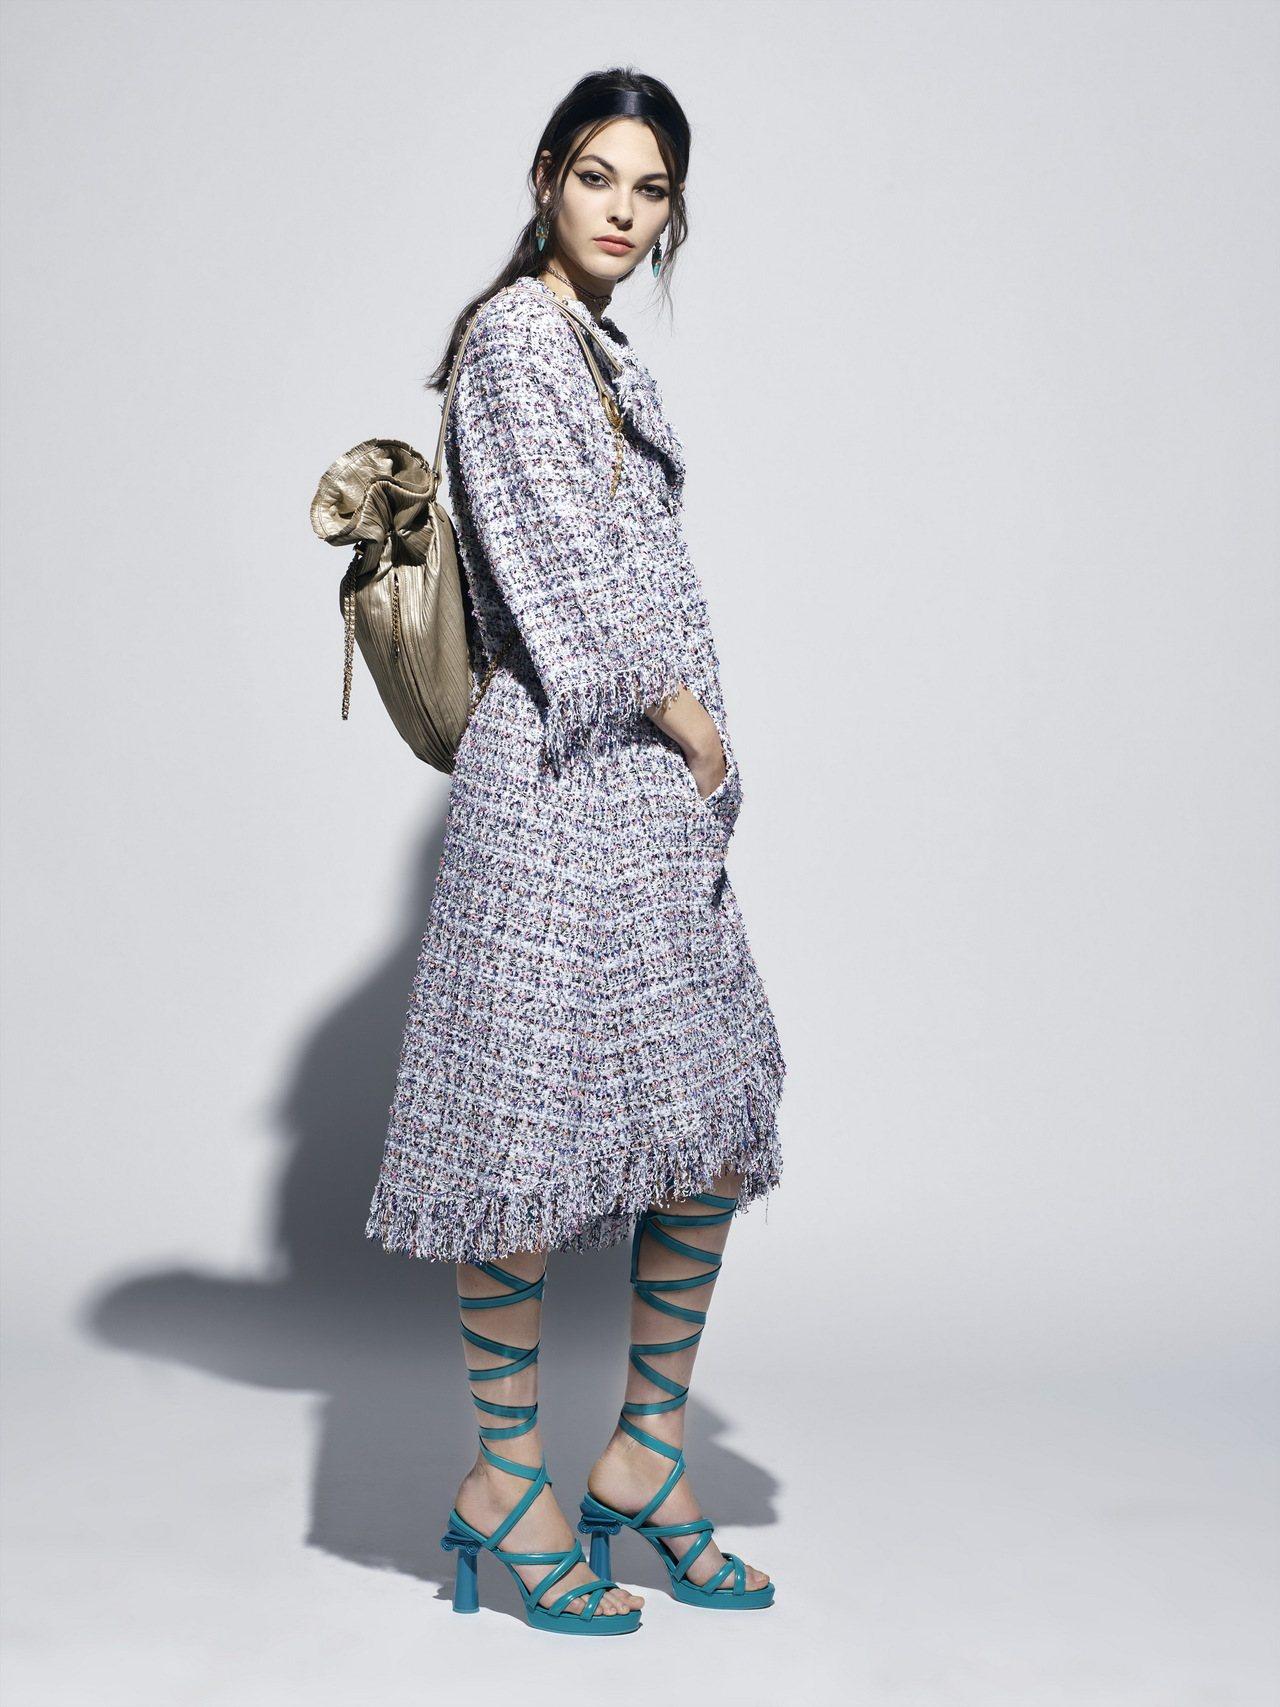 羅馬涼鞋配上宛如神廟石柱的鞋跟,以粉嫩亮彩色打造搶眼的質感。圖/香奈兒提供